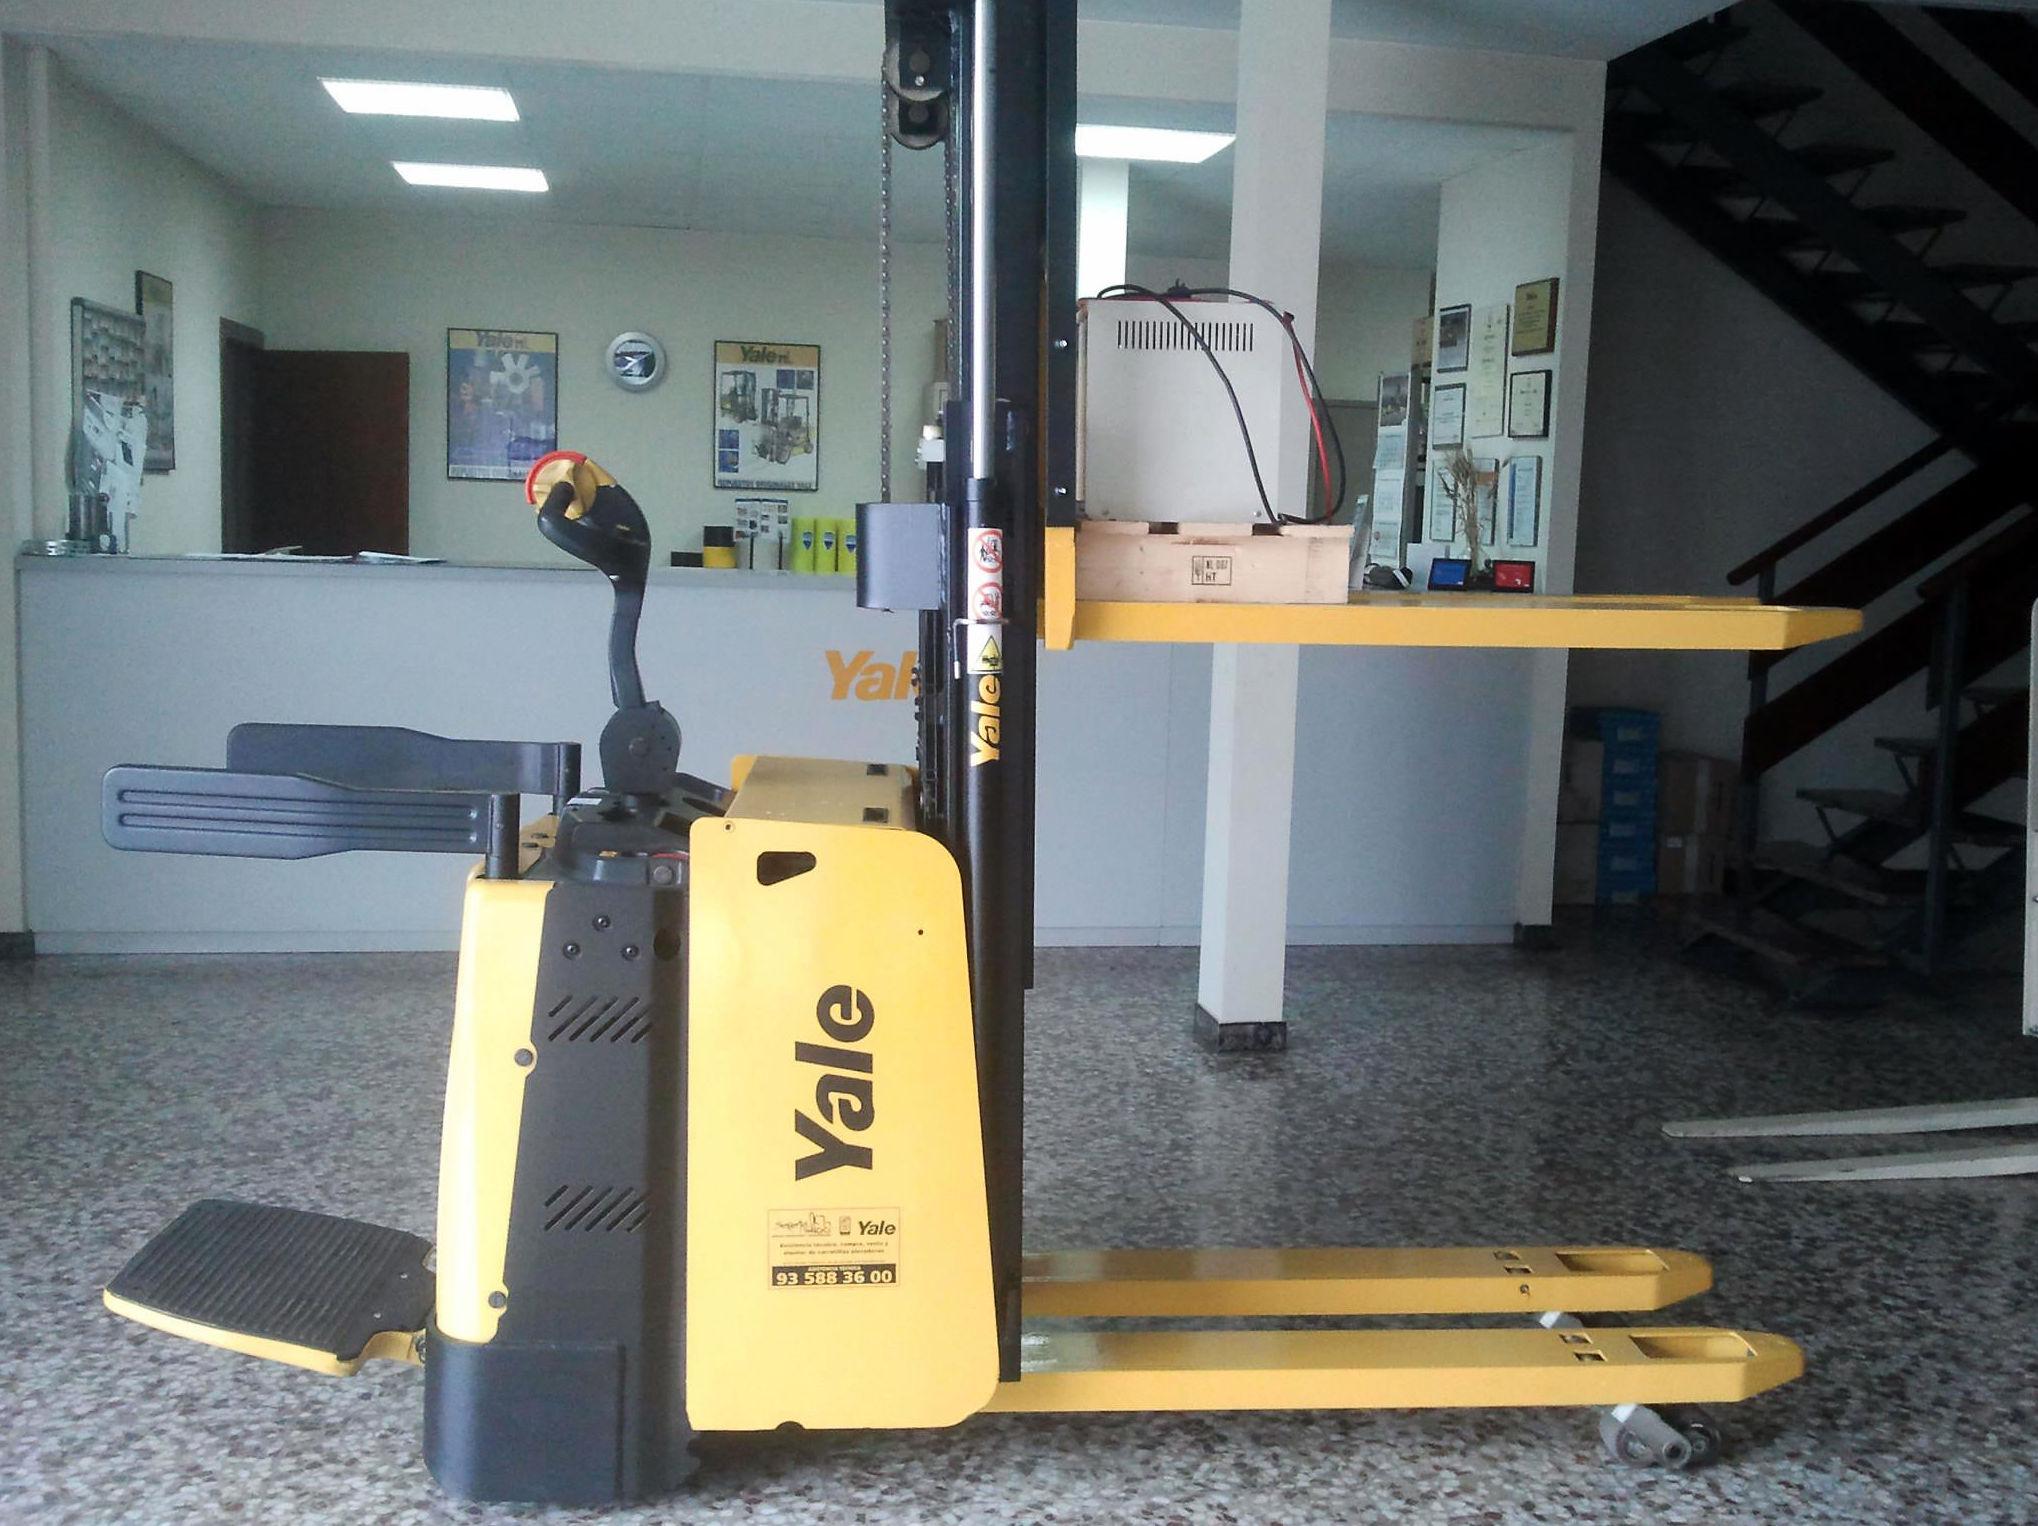 Venta, reparación y mantenimientode carretillas elevadoras